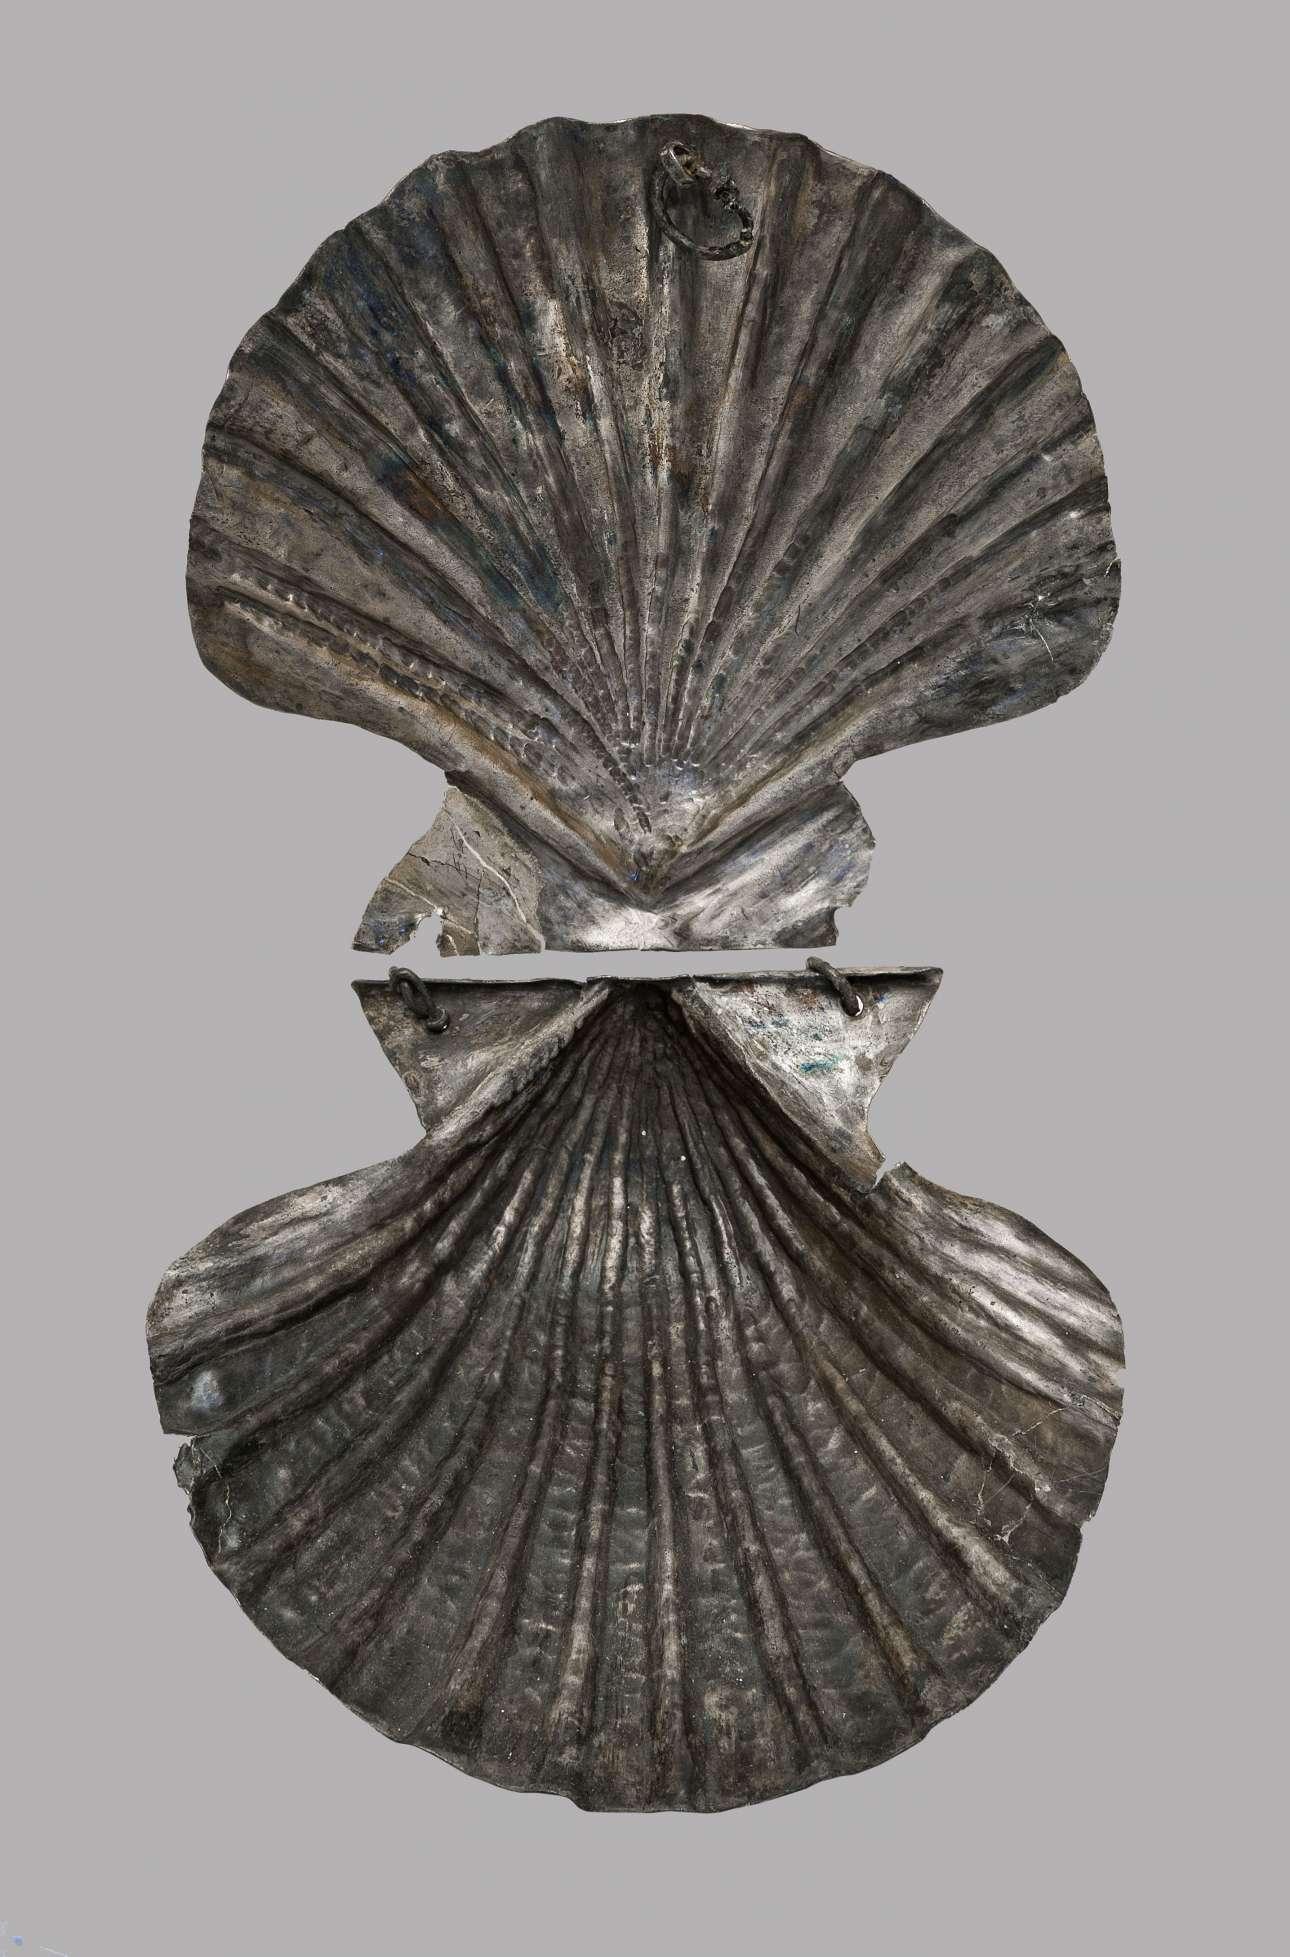 Αργυρή αχιβάδα, πολυτελής θήκη για τη φύλαξη ψιμυθίων, από τη Βάθεια Ευβοίας (3ος-2ος αι. π.Χ.) (© ΕΑΜ/ΤΑΠ. Φωτ. - Μαυρομμάτης)